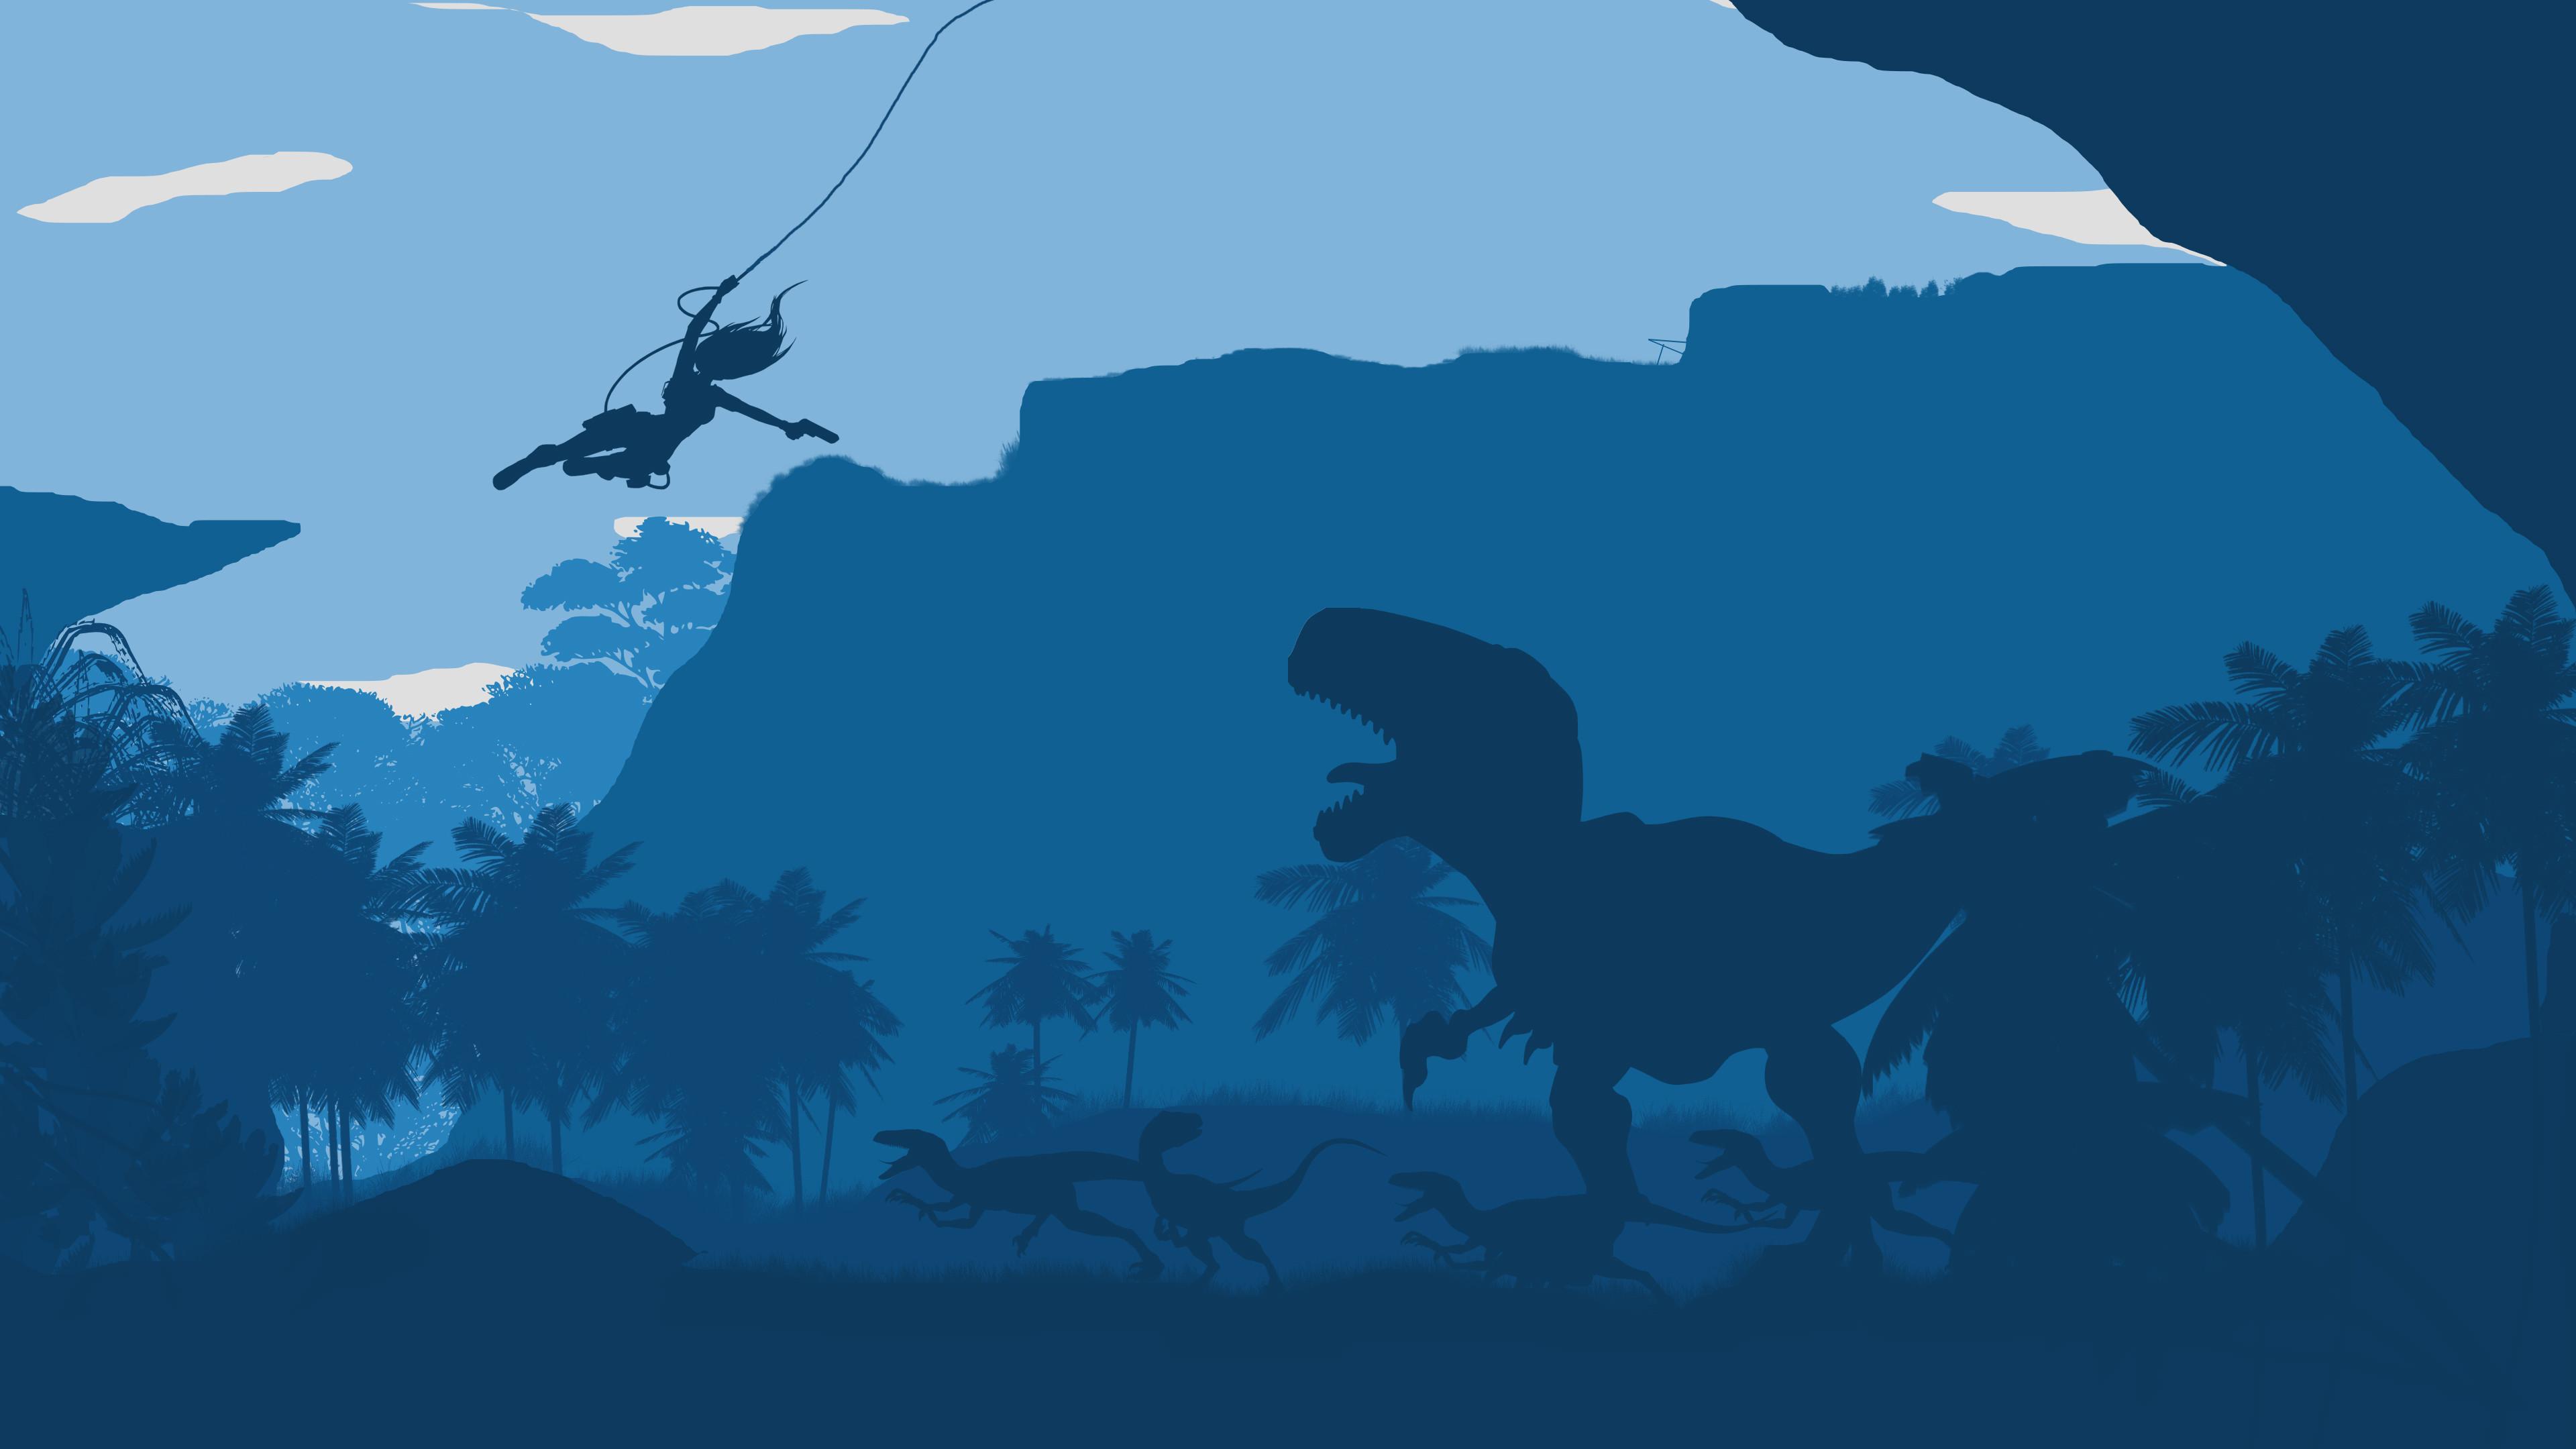 Tomb Raider Dinosaur 4K